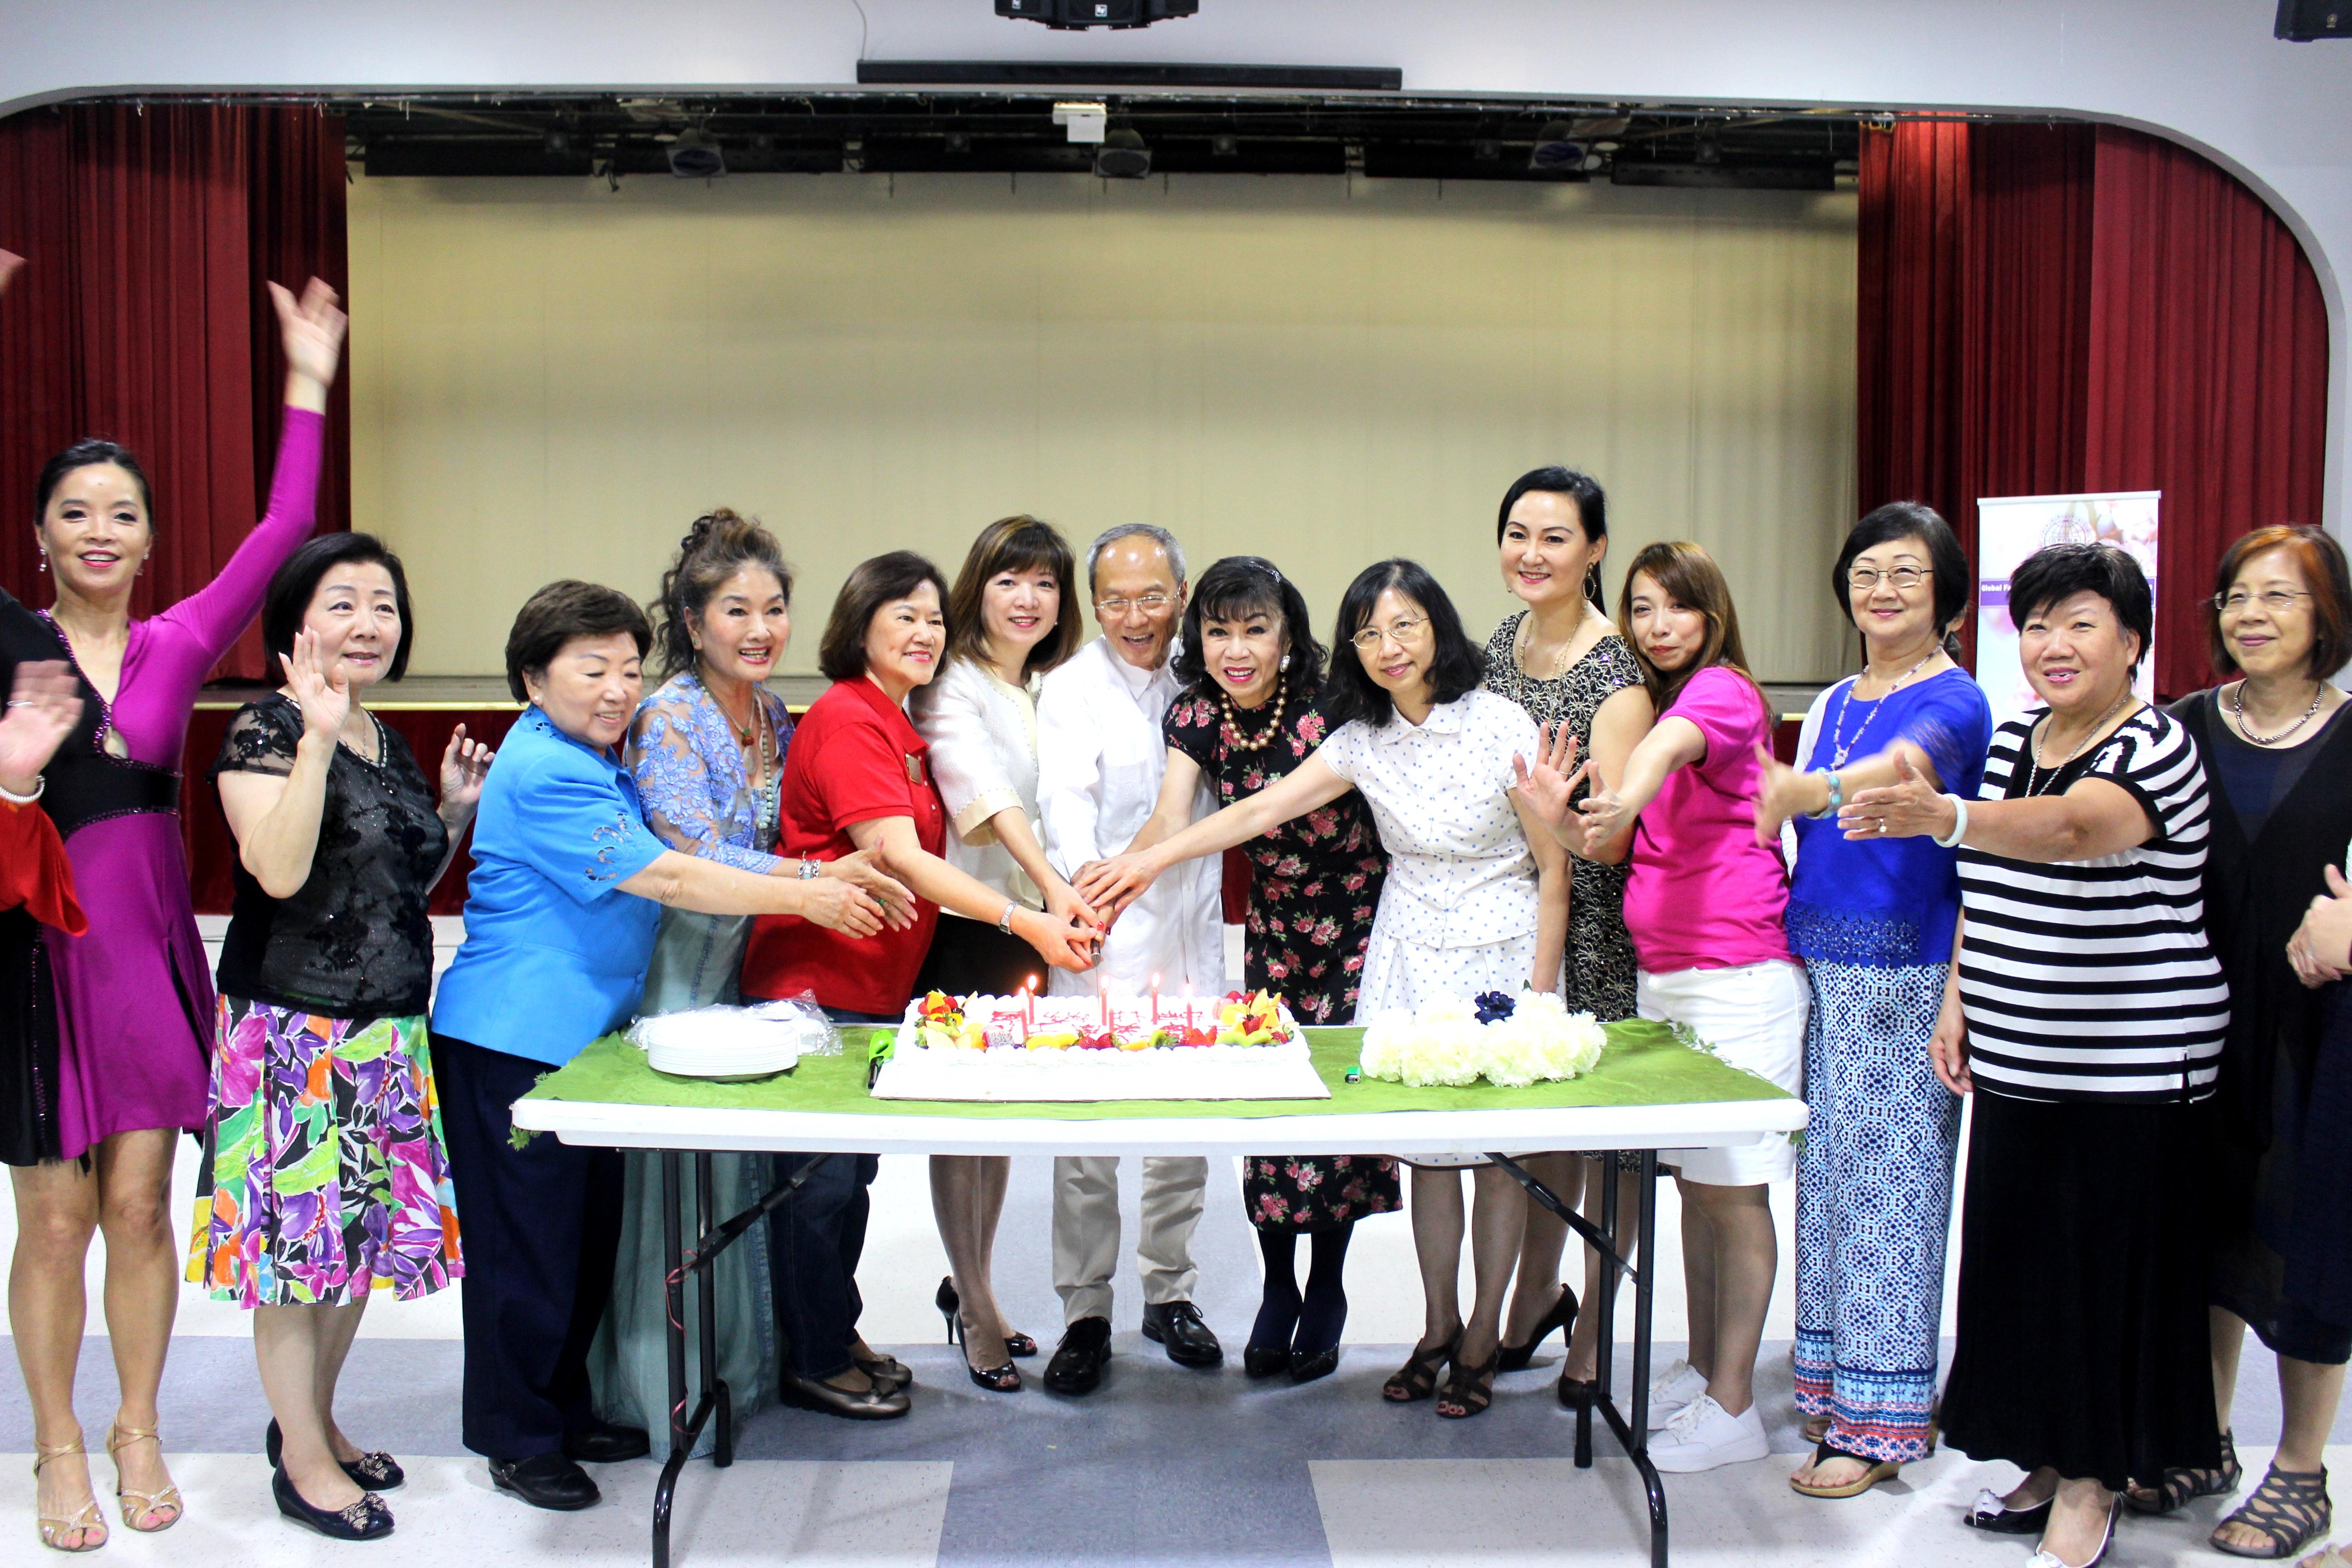 僑務委員長吳新興(中)、僑教中心主任陳奕芳(右六),及會員、嘉賓們一起切生日蛋糕。